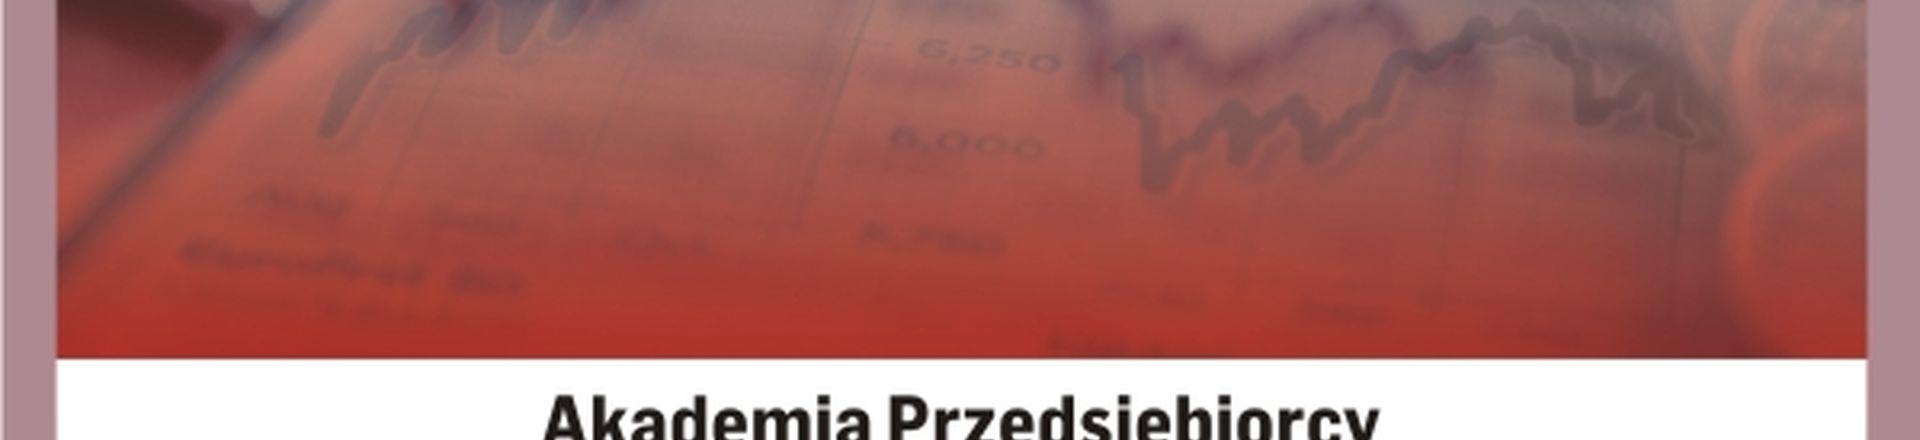 Cykl Akademia Przedsiębiorcy: Kapitał i bezpieczeństwo Twojej firmy - Słupsk